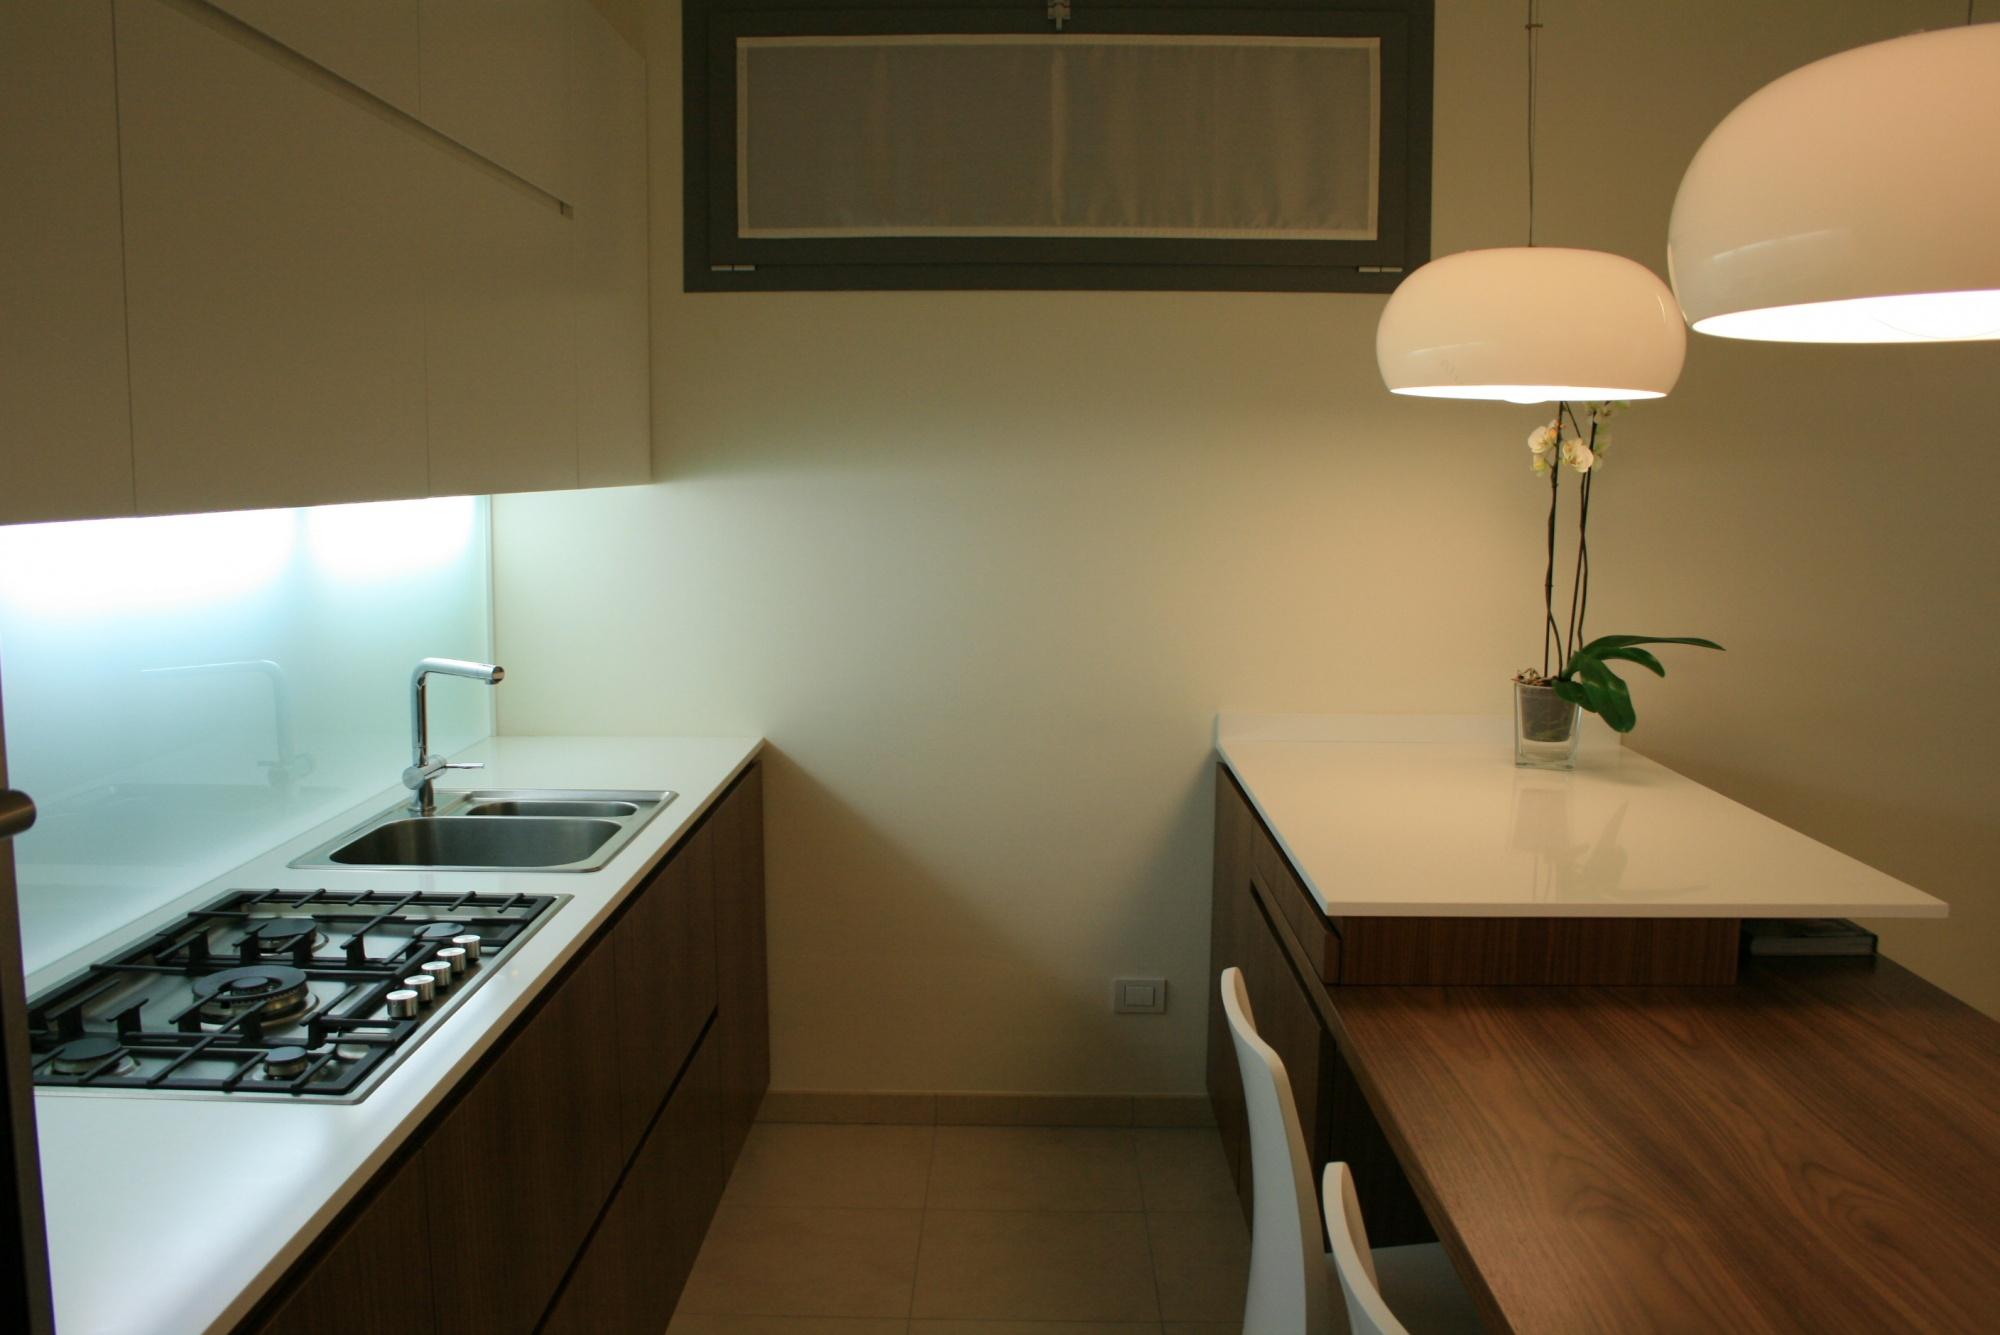 Cucina moderna con penisola in noce canaletto a - Cucina moderna penisola ...